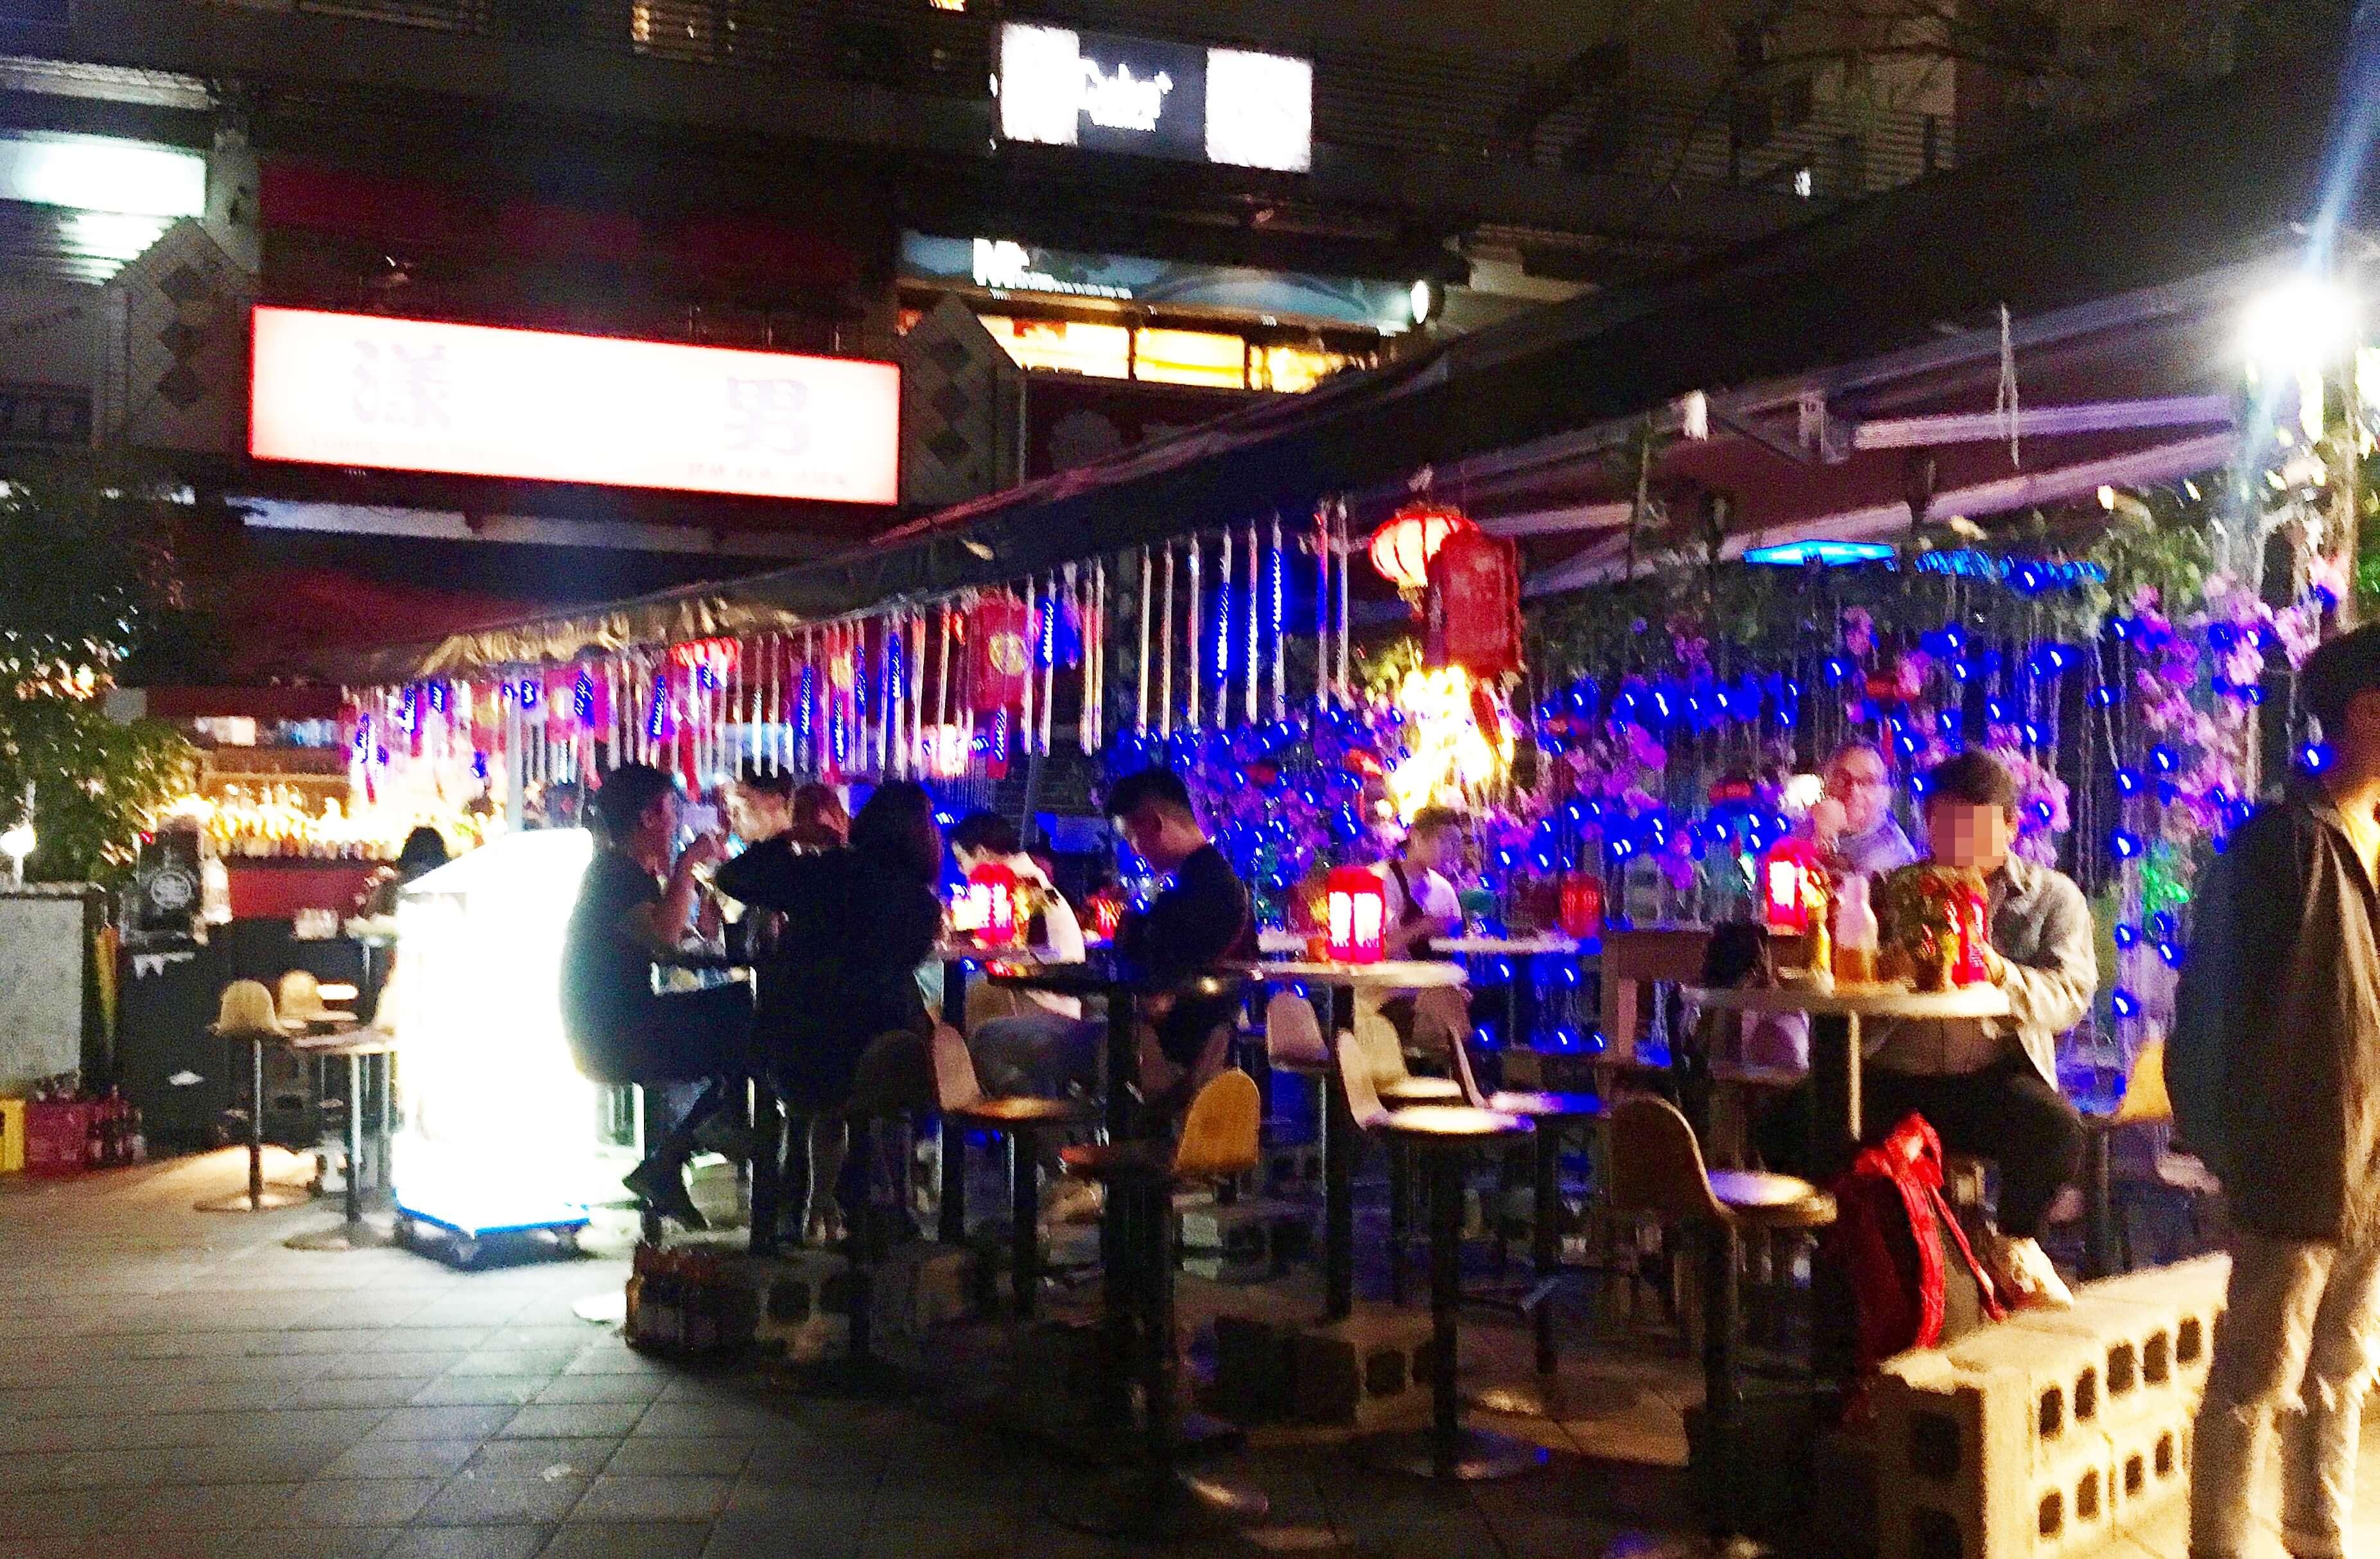 台湾 ゲイタウン 雰囲気